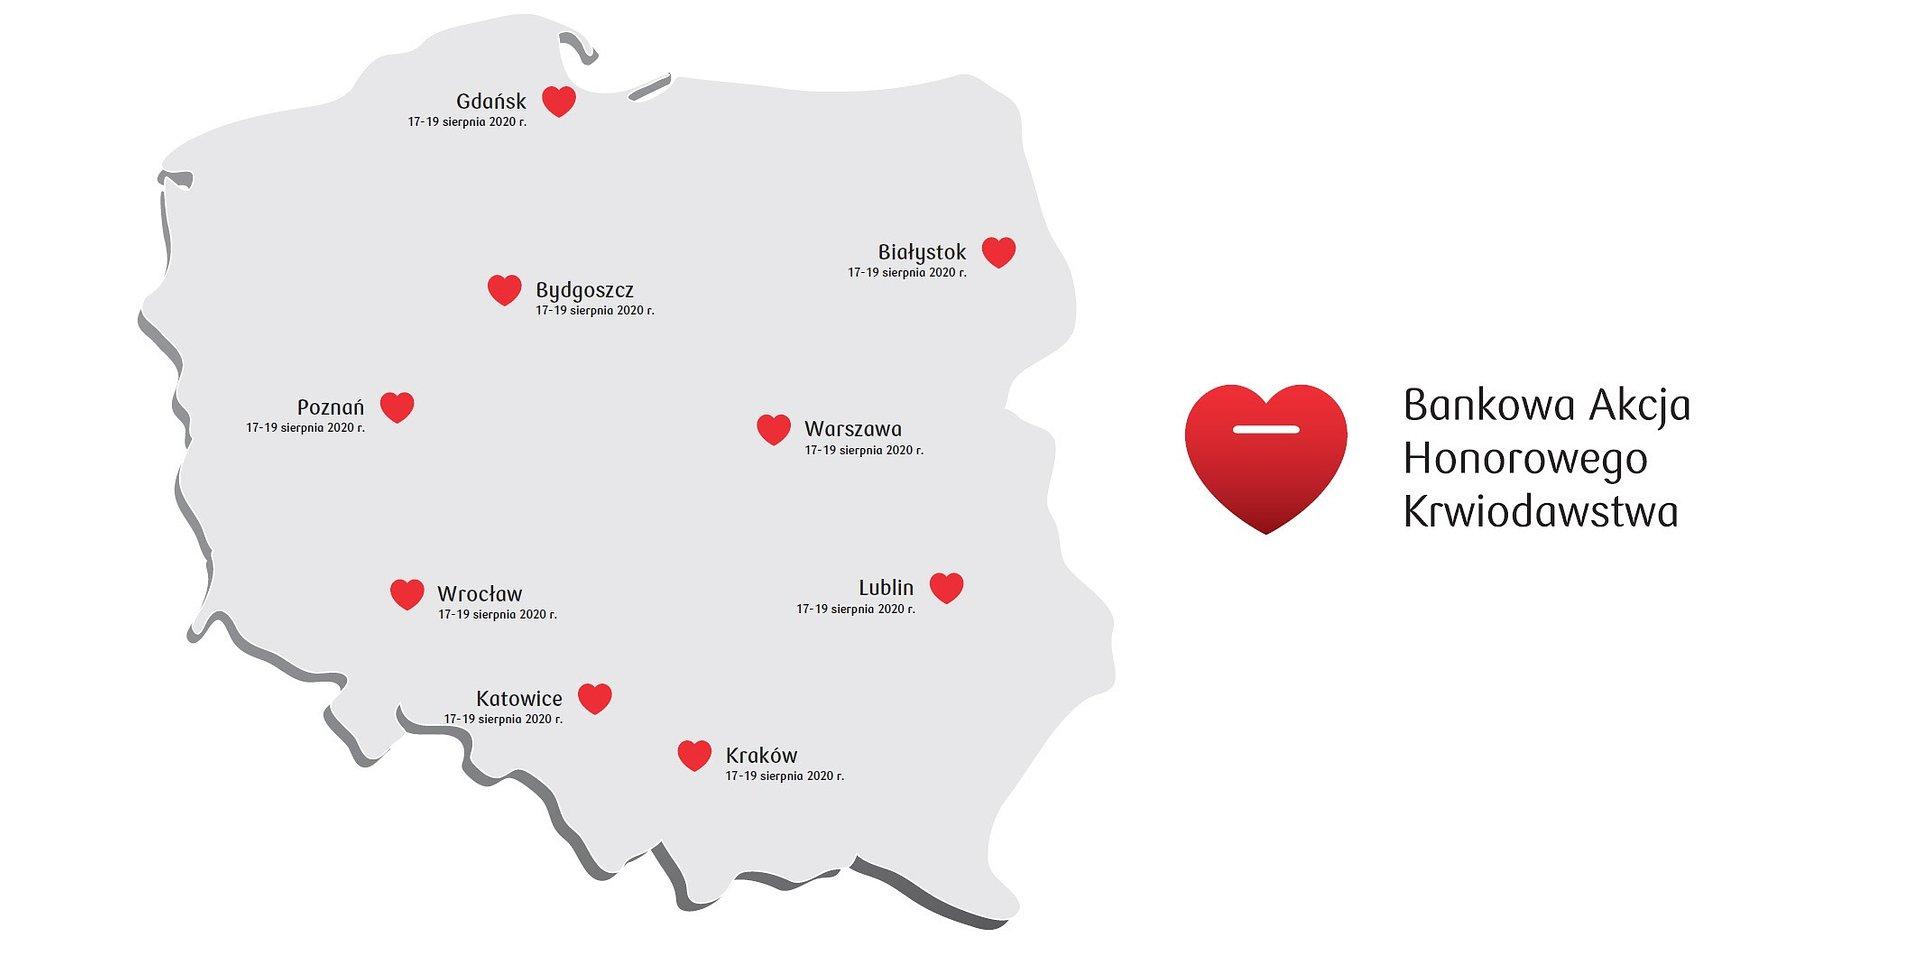 Przyłącz się do Bankowej Akcji Honorowego Krwiodawstwa w Katowicach